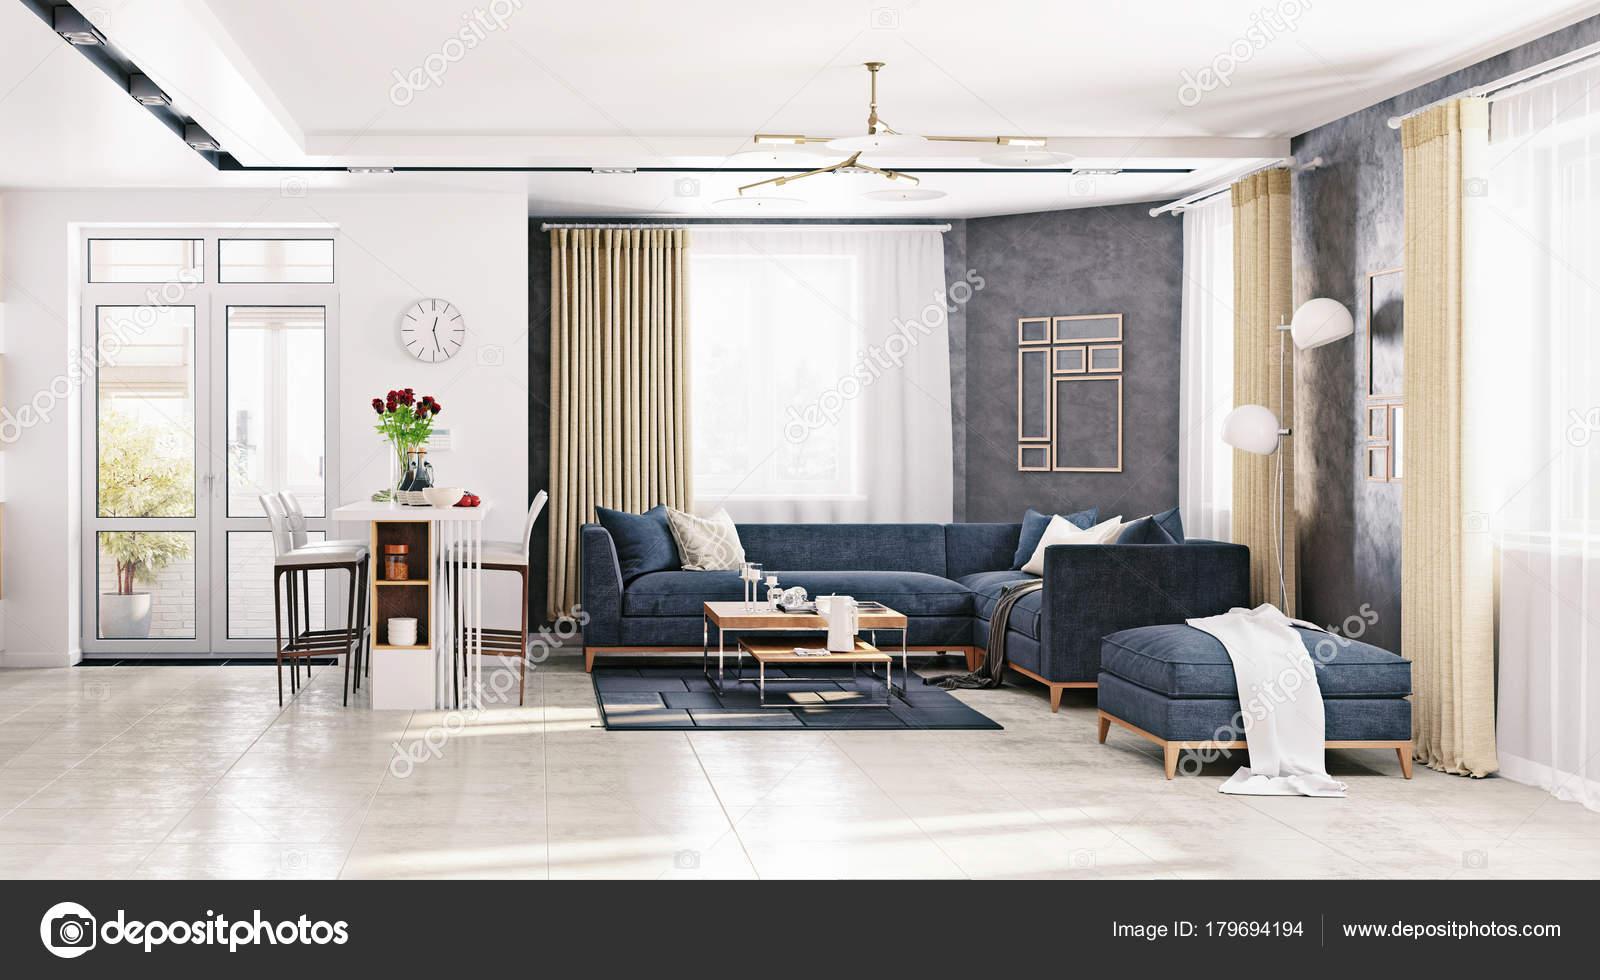 Moderne Wohnung Wohnzimmer Rendering Illustration — Stockfoto ...